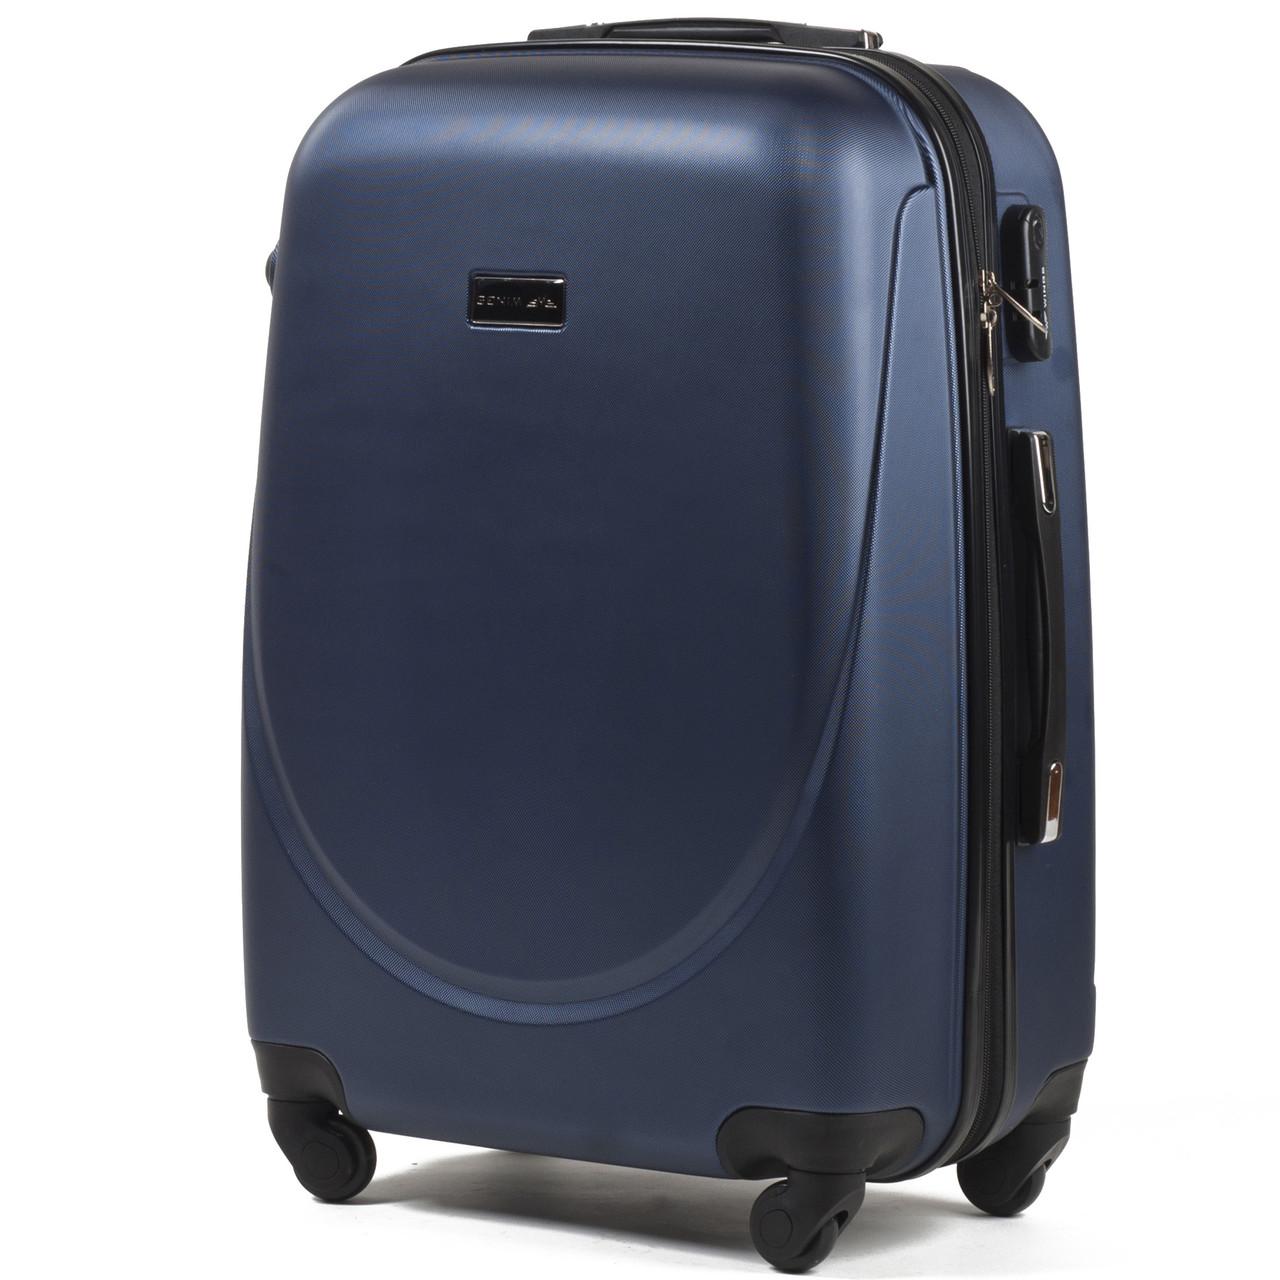 Малый пластиковый чемодан Wings 310 на 4 колесах синий, фото 1